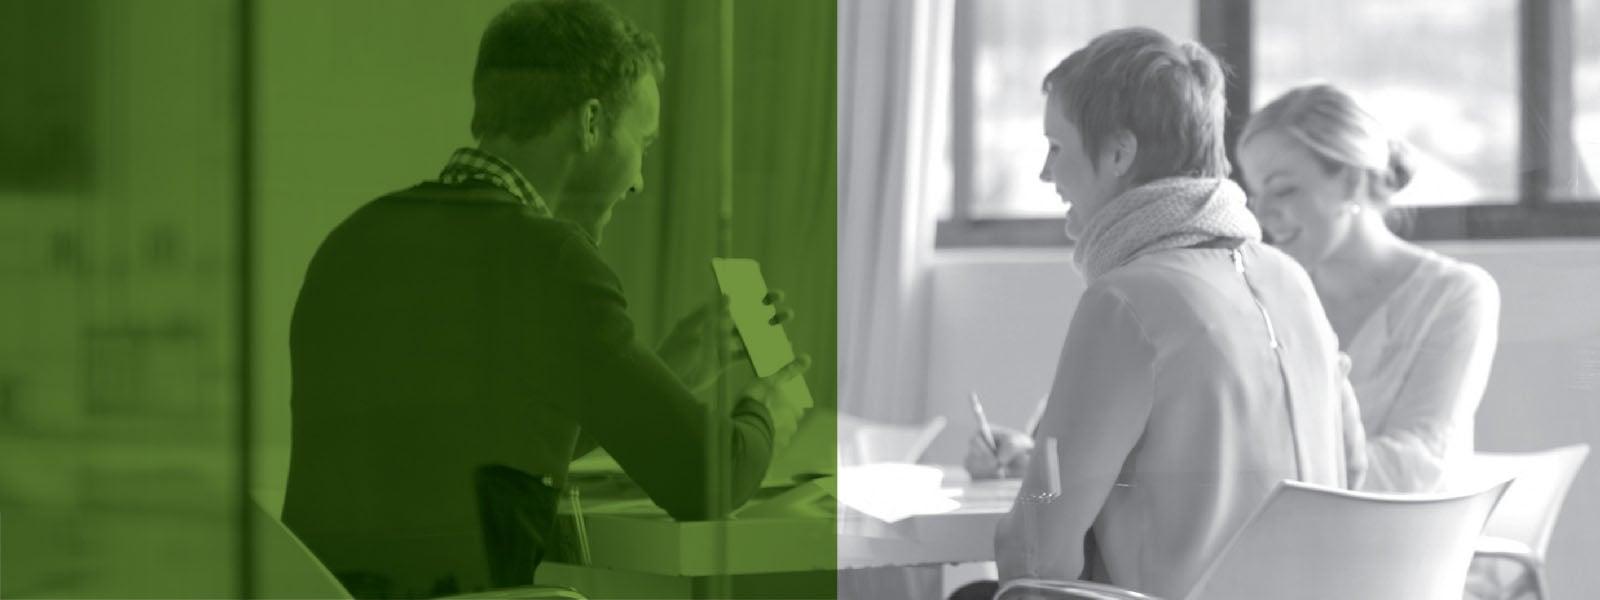 Reuniones Virtuales con Convene Convene es un portal digital seguro que aumenta la productividad y eficiencia de sus Juntas Directivas. Programa reuniones sin esfuerzo,incrementa la colaboración y reduce costos.